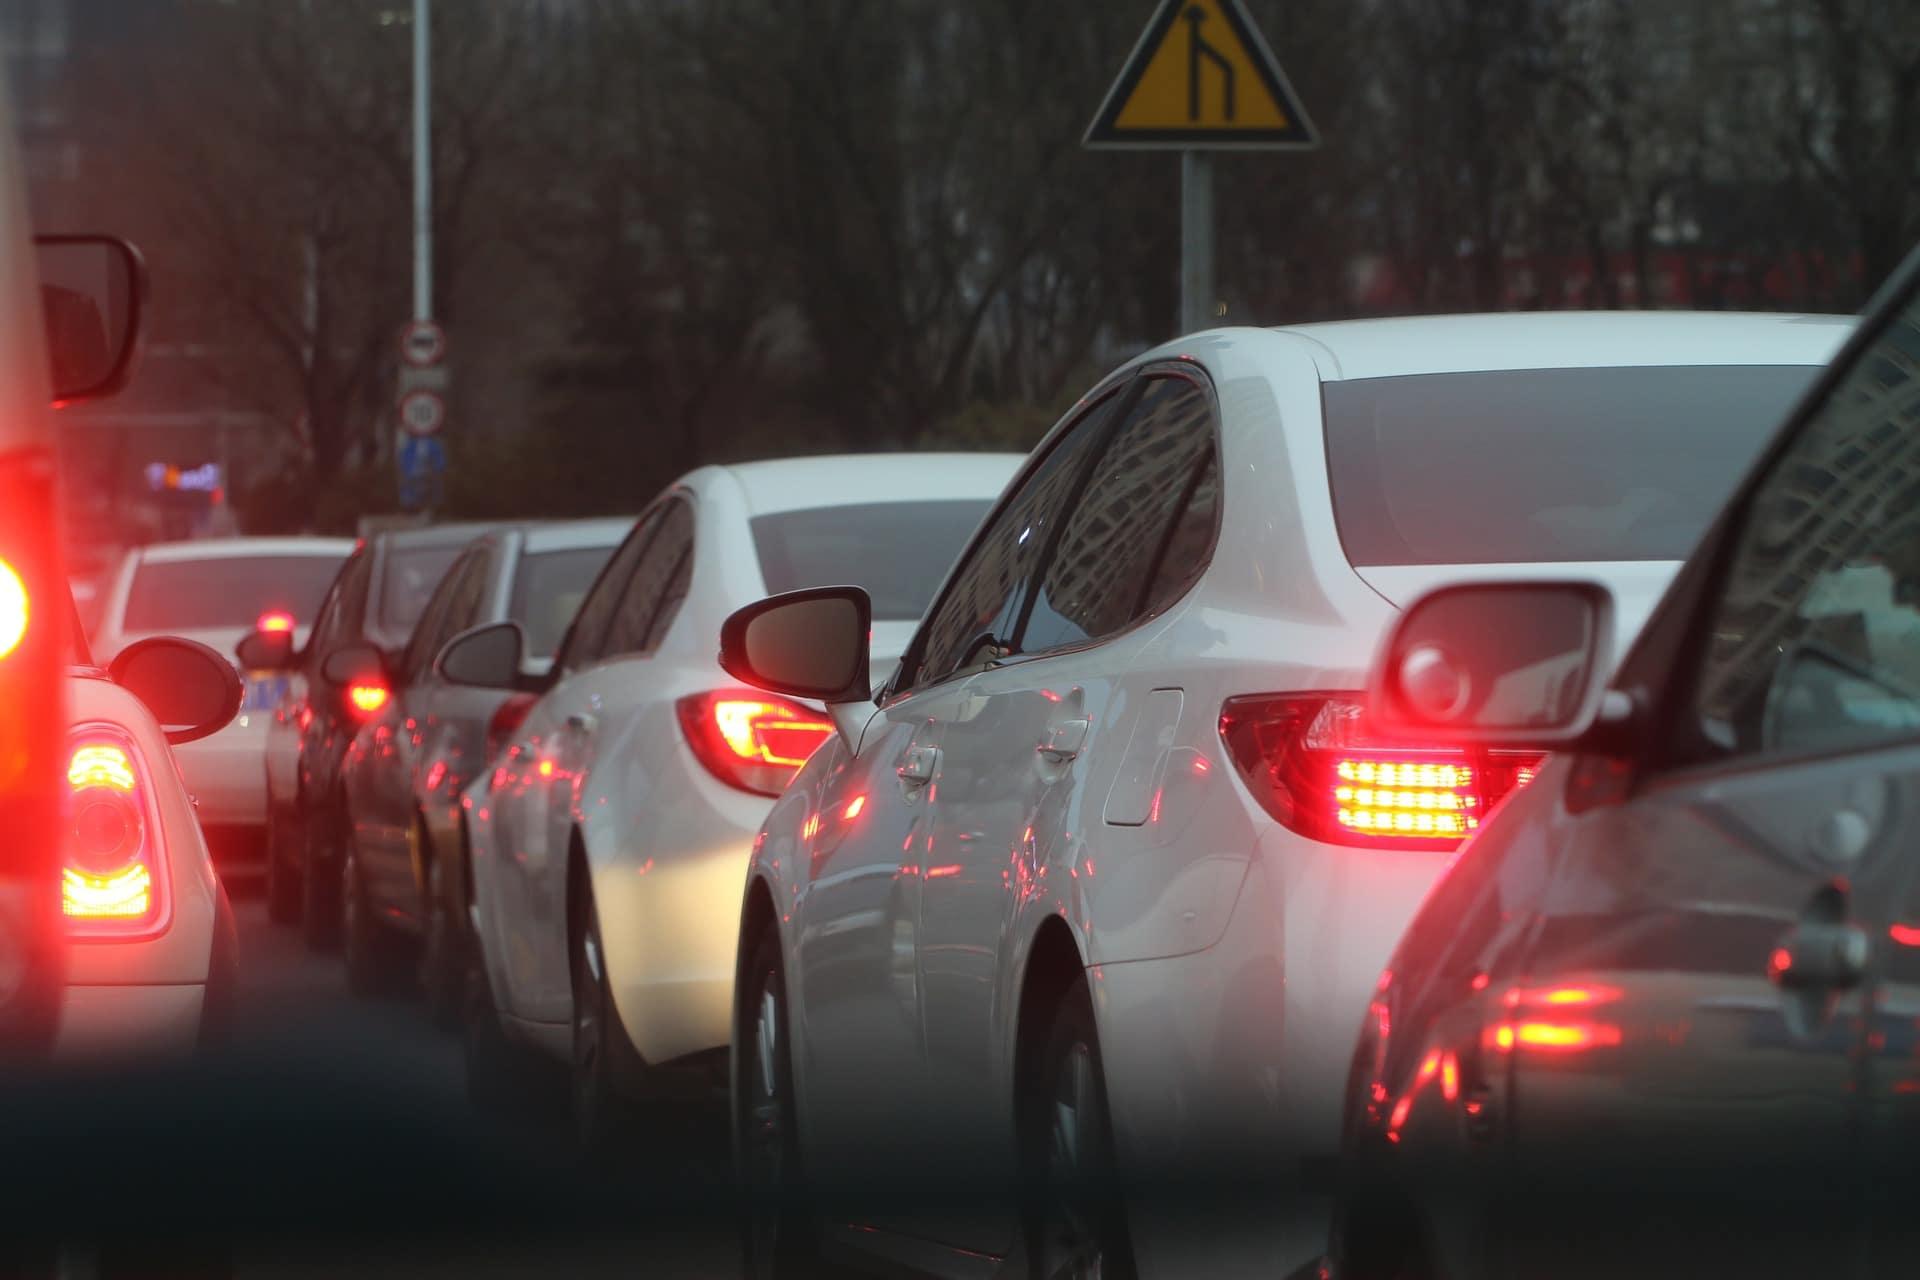 Zones à faibles émissions : quelles sont les villes concernées ?